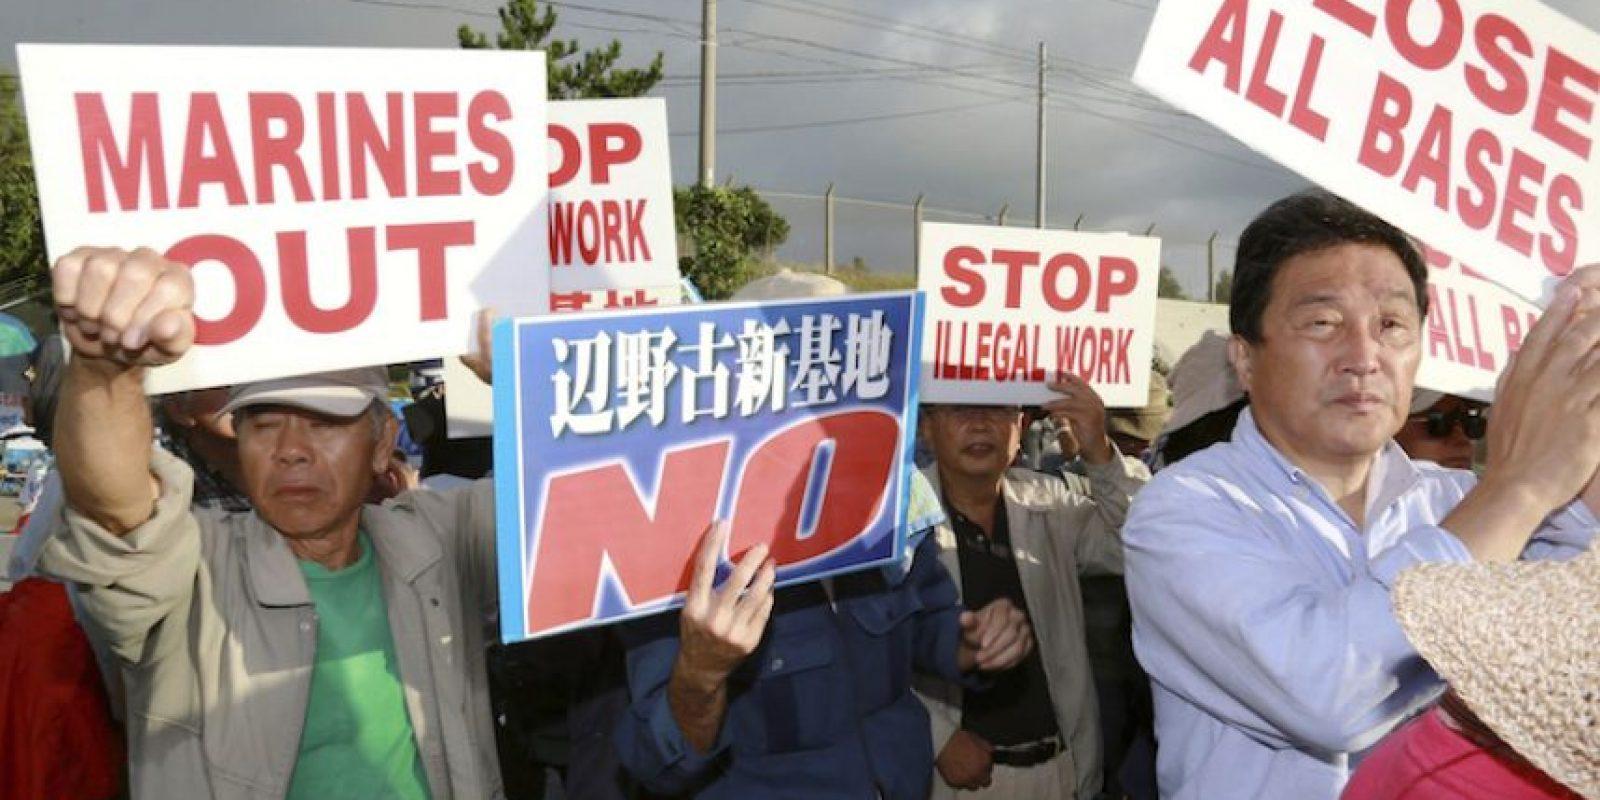 Ciudadanos japoneses protestan contra la presencia de bases estadounidenses en su país. Foto:EFE. Imagen Por: